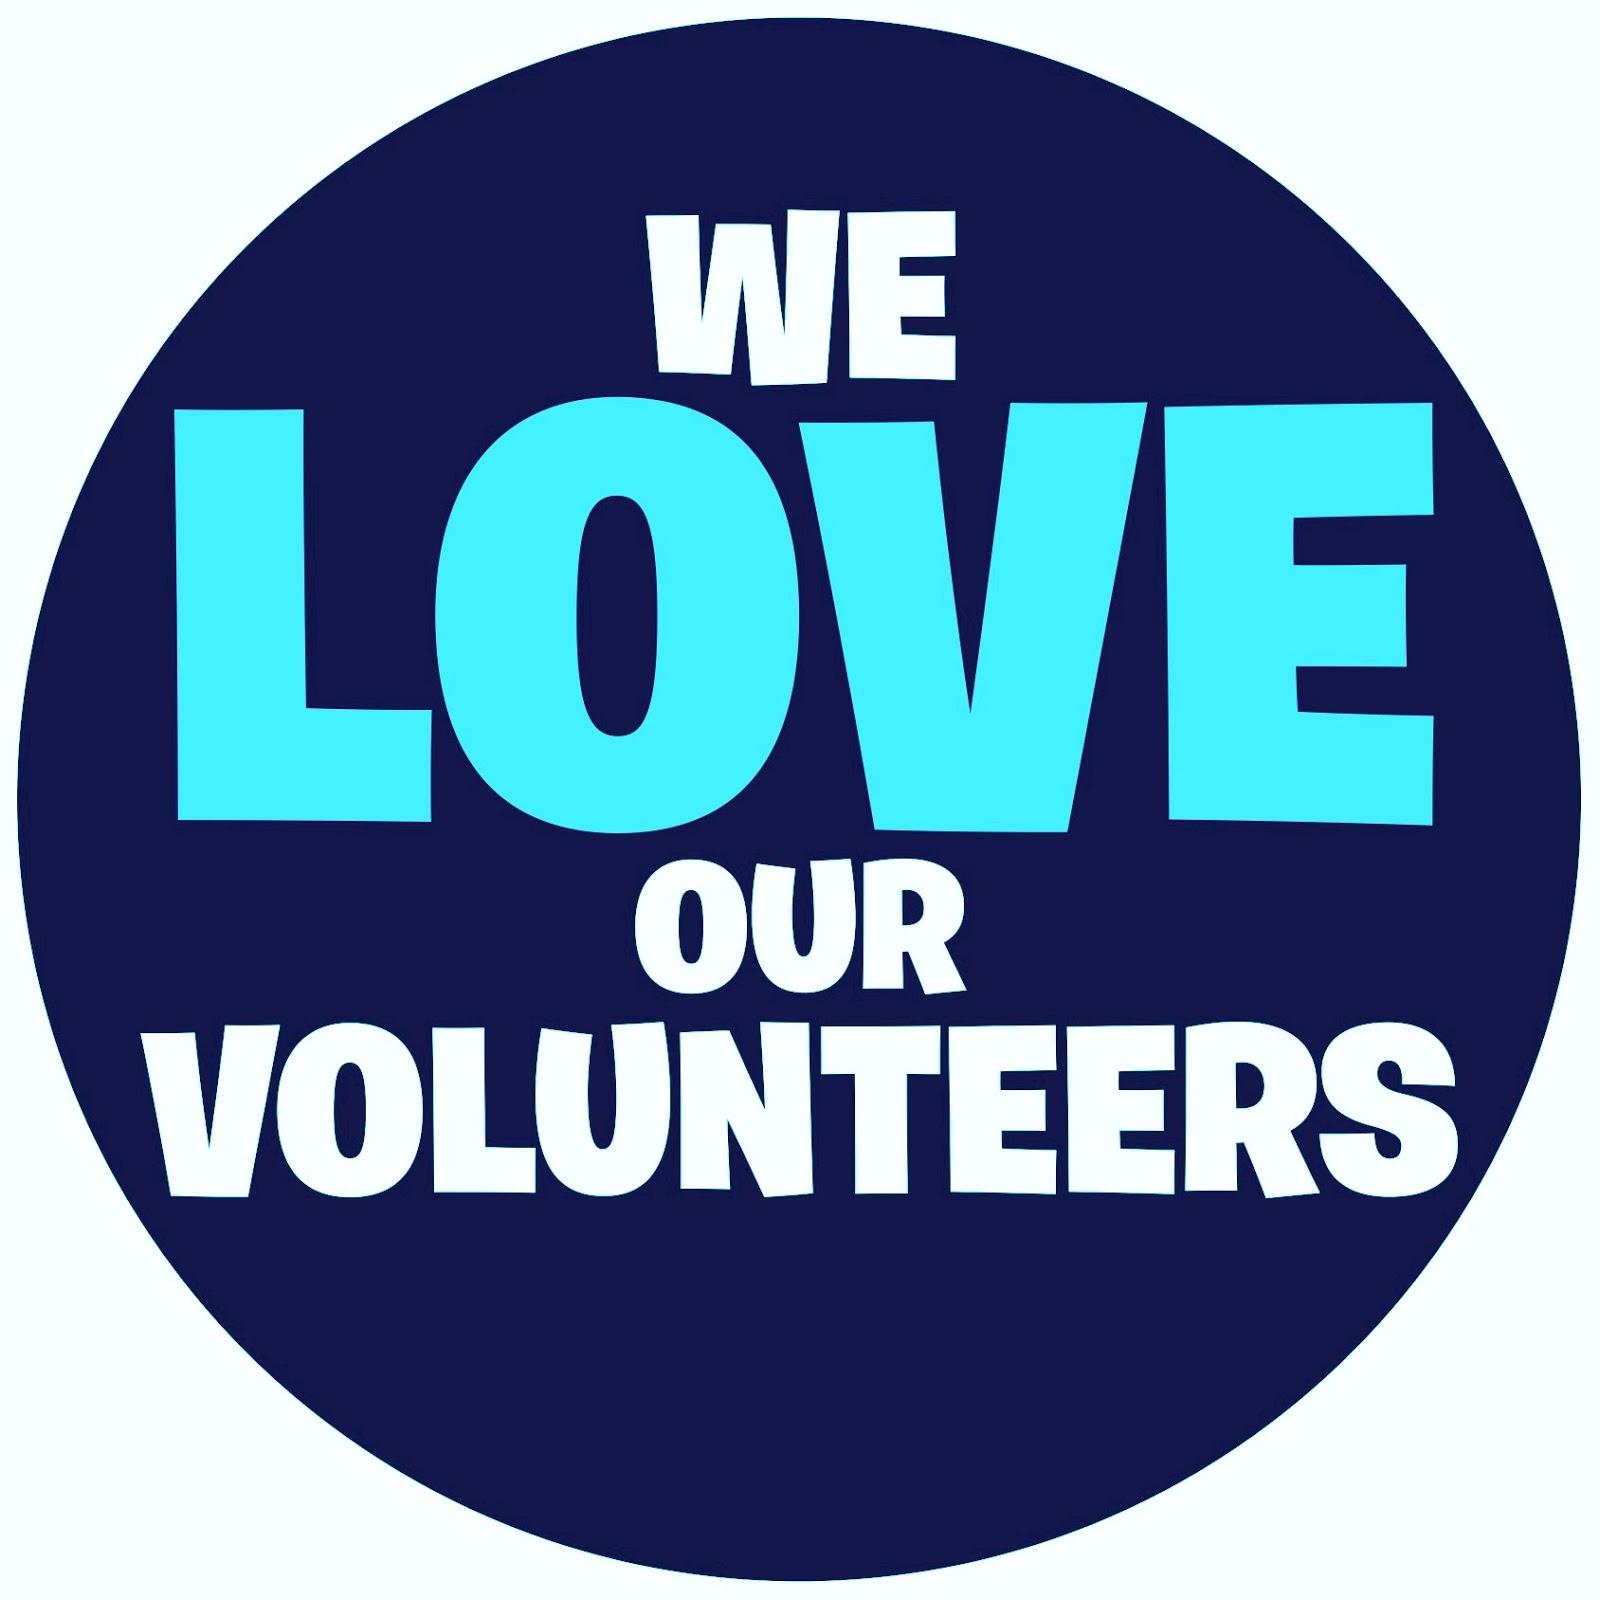 1600x1600 Volunteer Opportunities Clipart